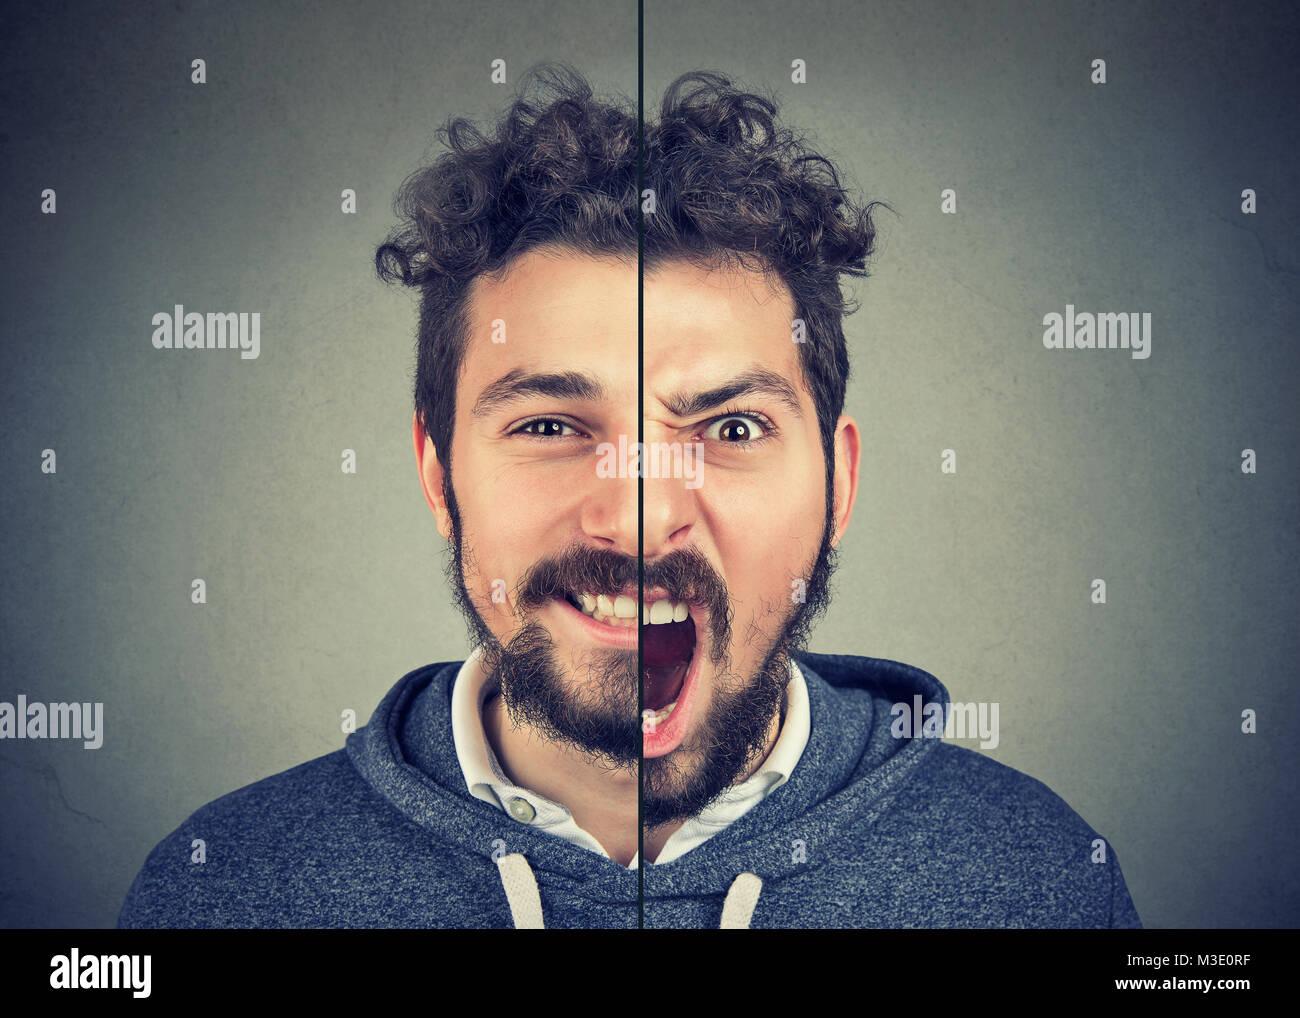 Disturbo Bipolare concetto. Giovane uomo con doppio fronte di espressione isolato su sfondo grigio Immagini Stock